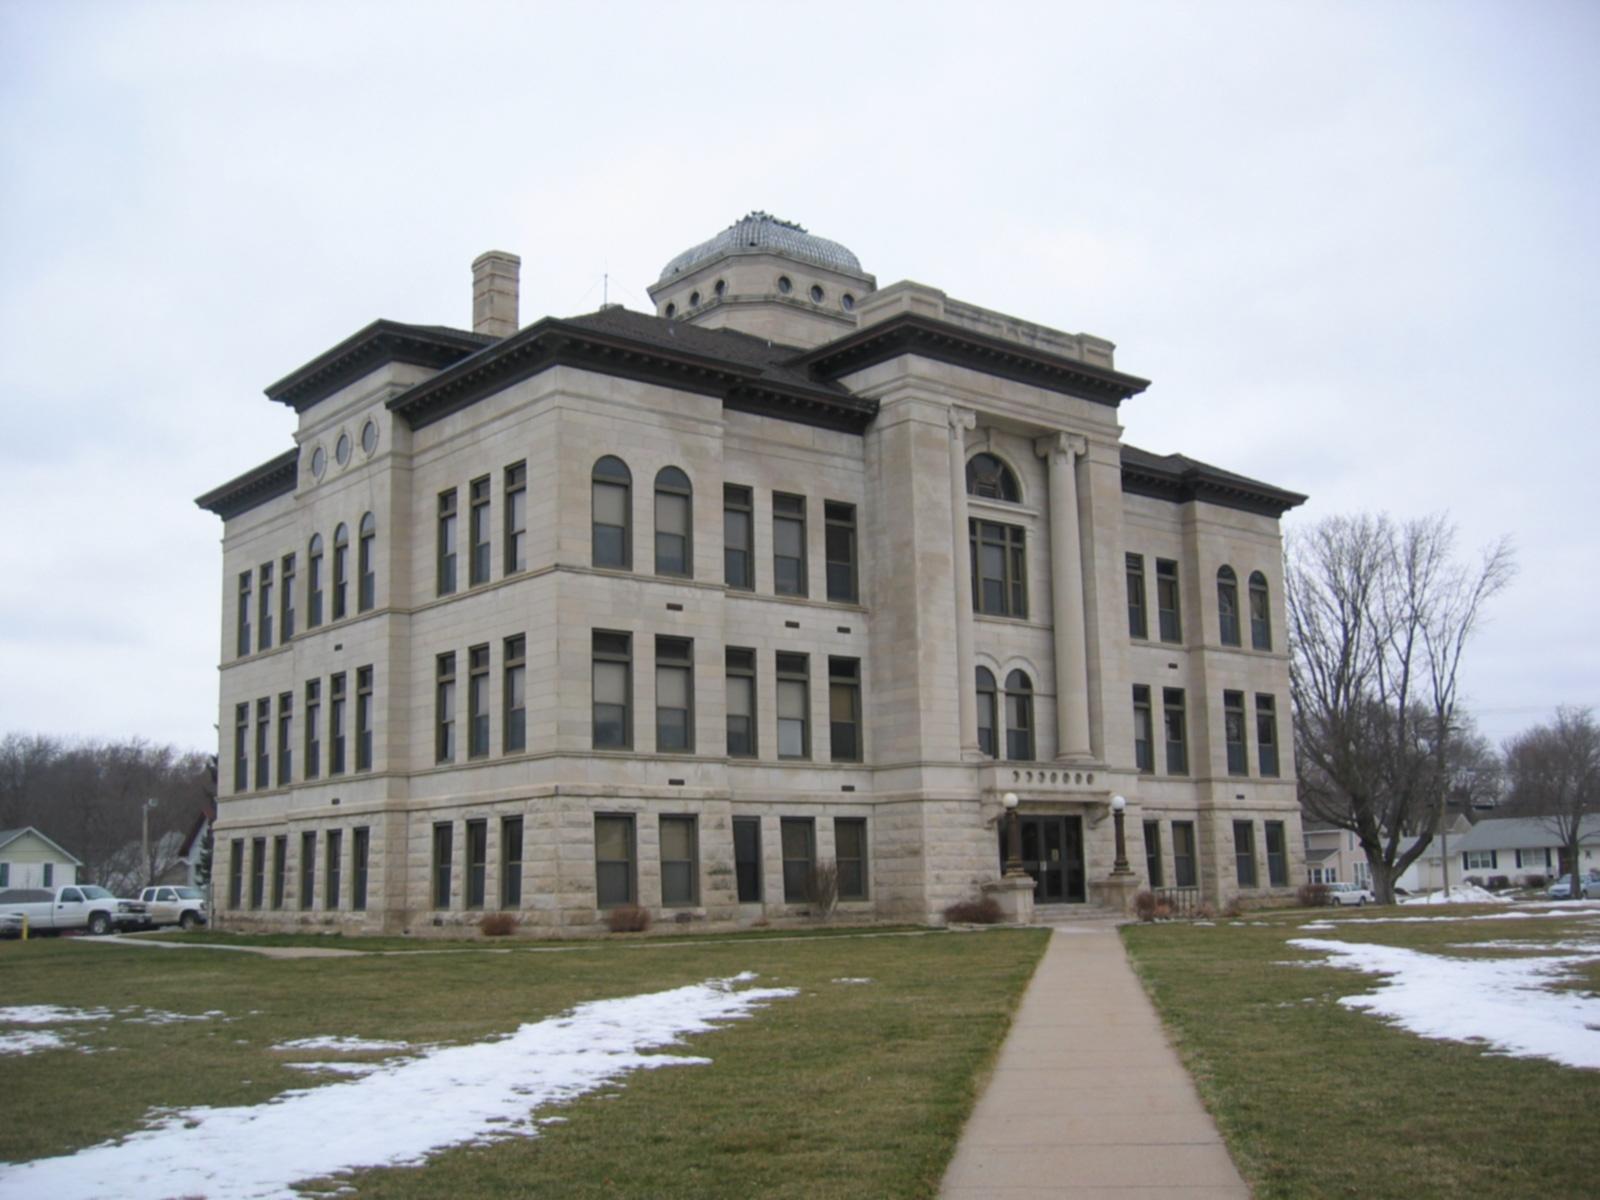 Harrison County Courthouse (Iowa) - Wikipedia